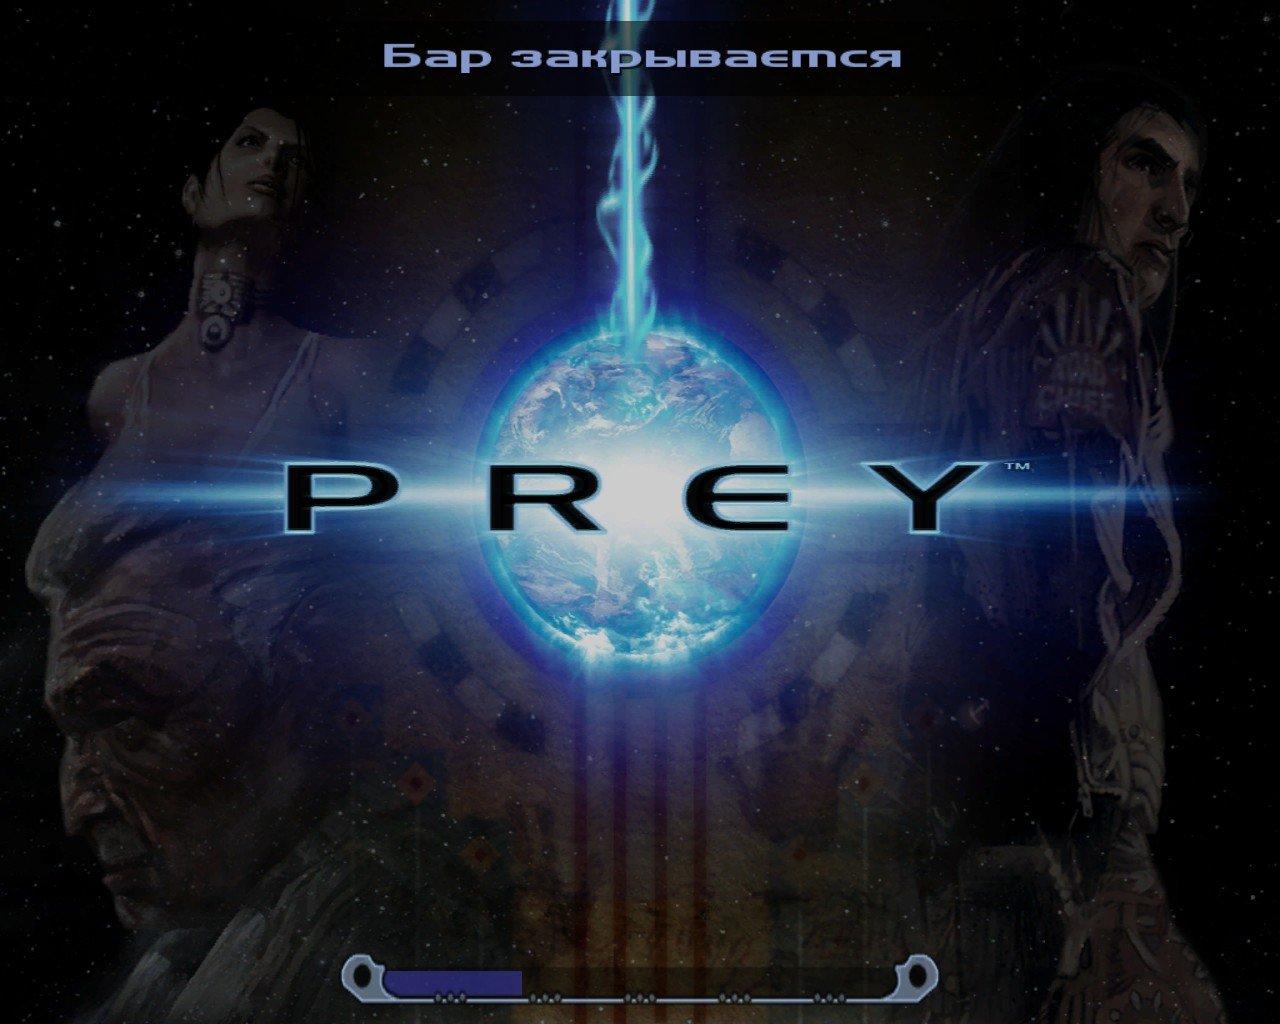 Ретро-прохождение Prey в скриншотах ... Часть 2. - Изображение 1